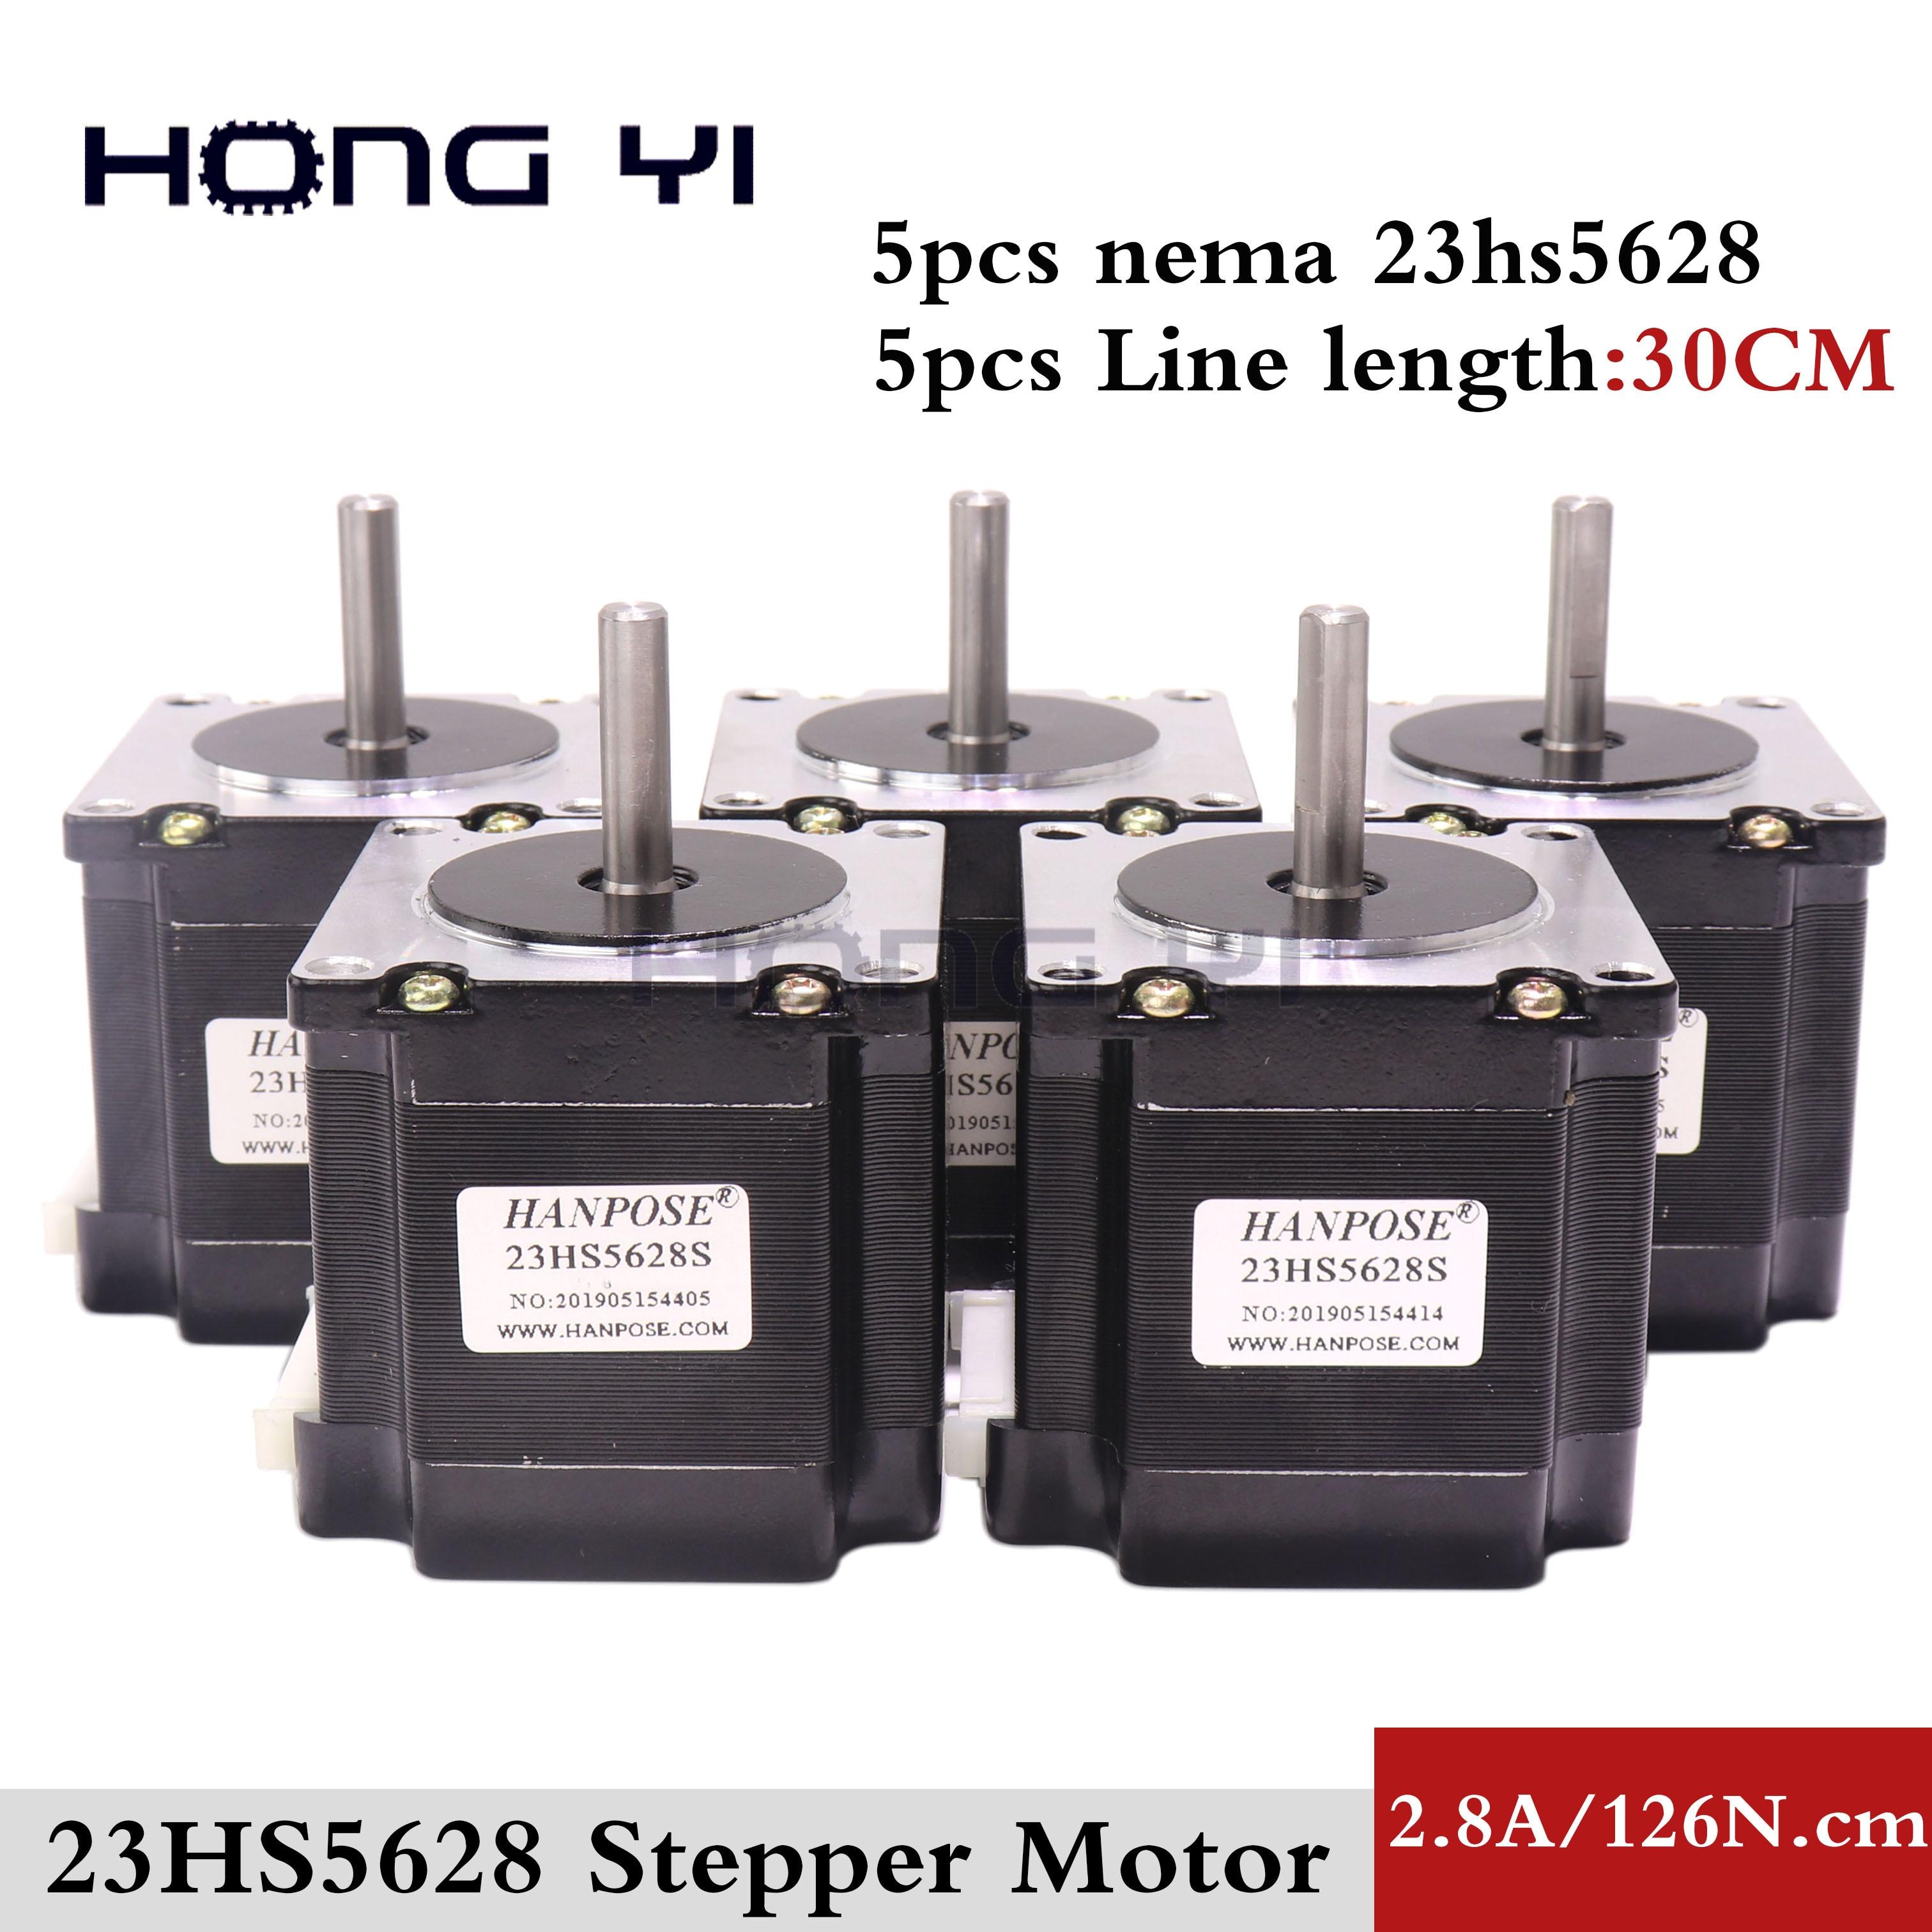 Envío Gratis 5 uds 23HS5628 4-plomo Nema 23 Motor de pasos 57 motor NEMA23 Motor paso a paso 2.8A ISO CNC